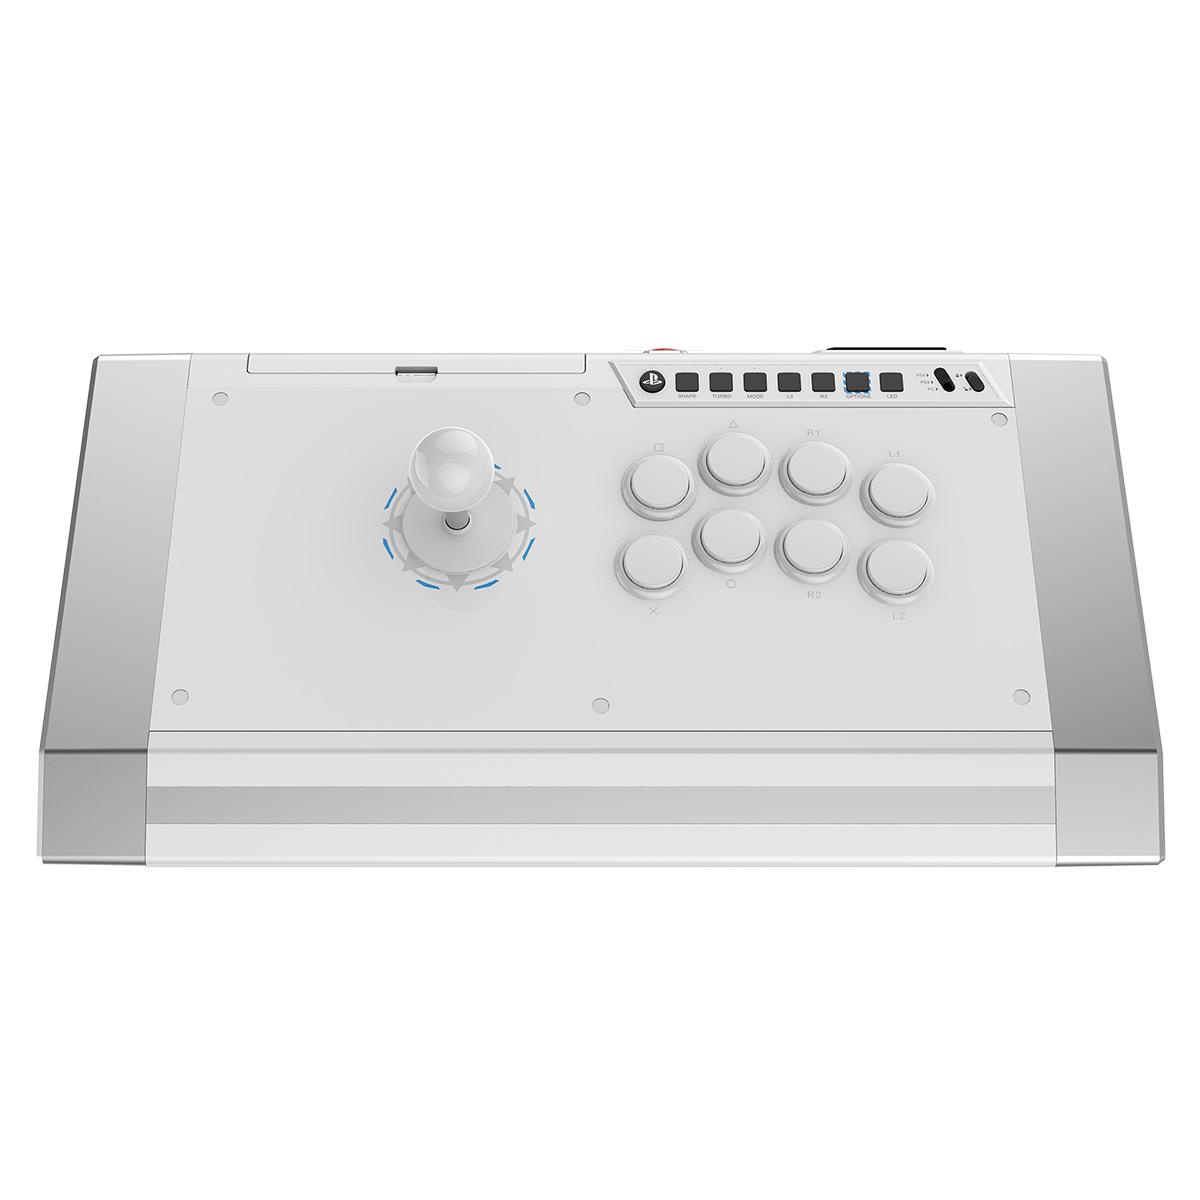 Qanba Pearl(パール)アーケード ジョイスティック (PlayStation®4 / PlayStation®3 / PC)